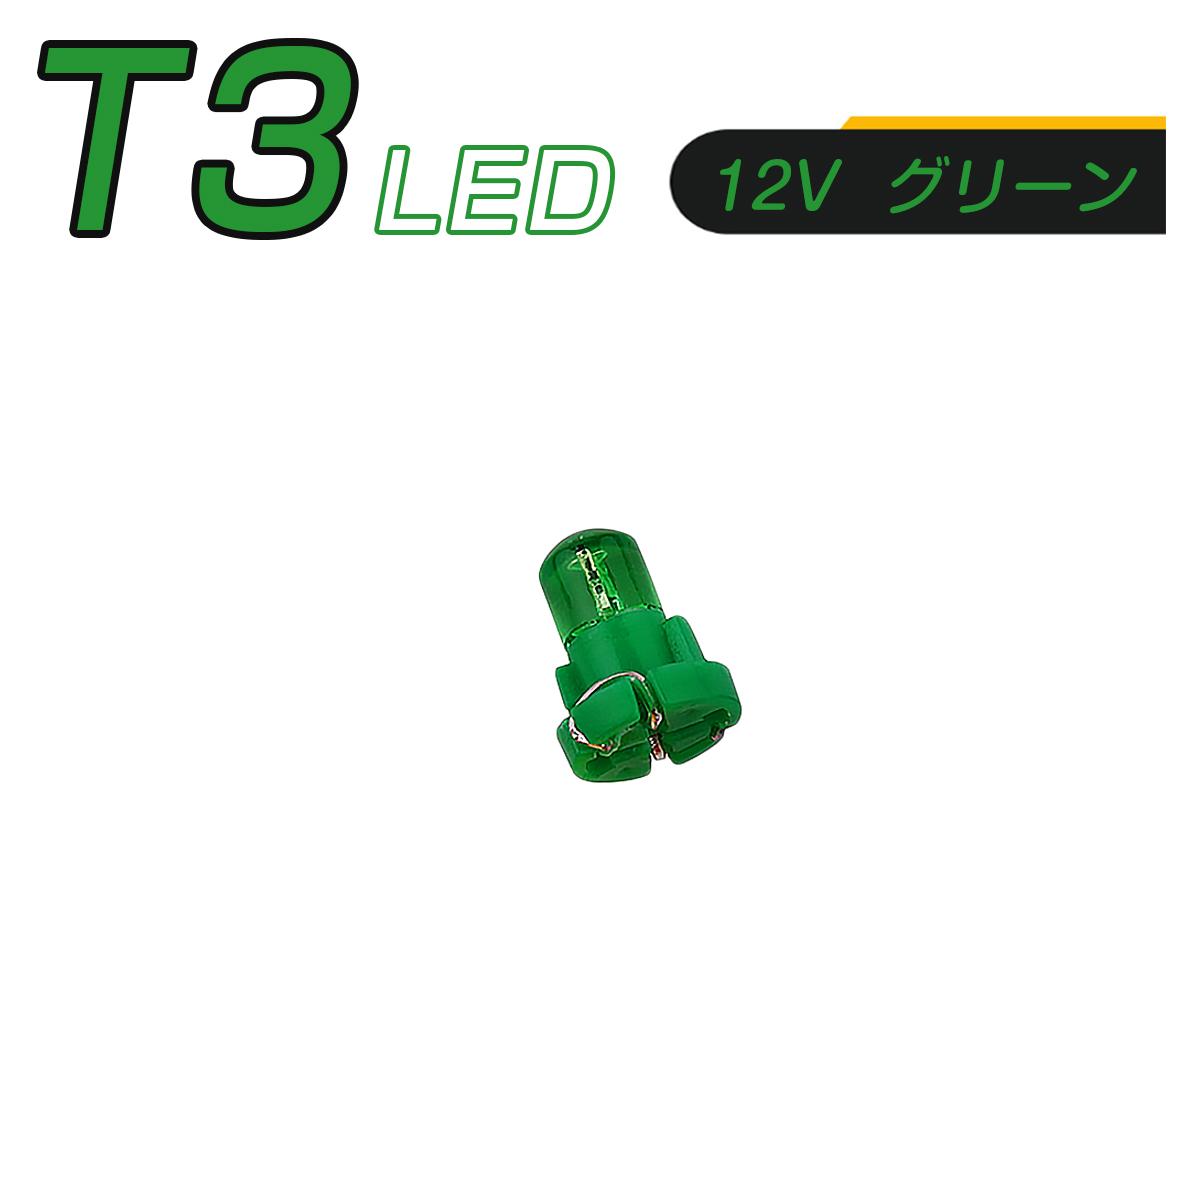 LED T3 SMD 緑 メーター球 タコランプ インジケーター エアコンパネル 超拡散 全面発光 2個セット SDM便送料無料 1ヶ月保証